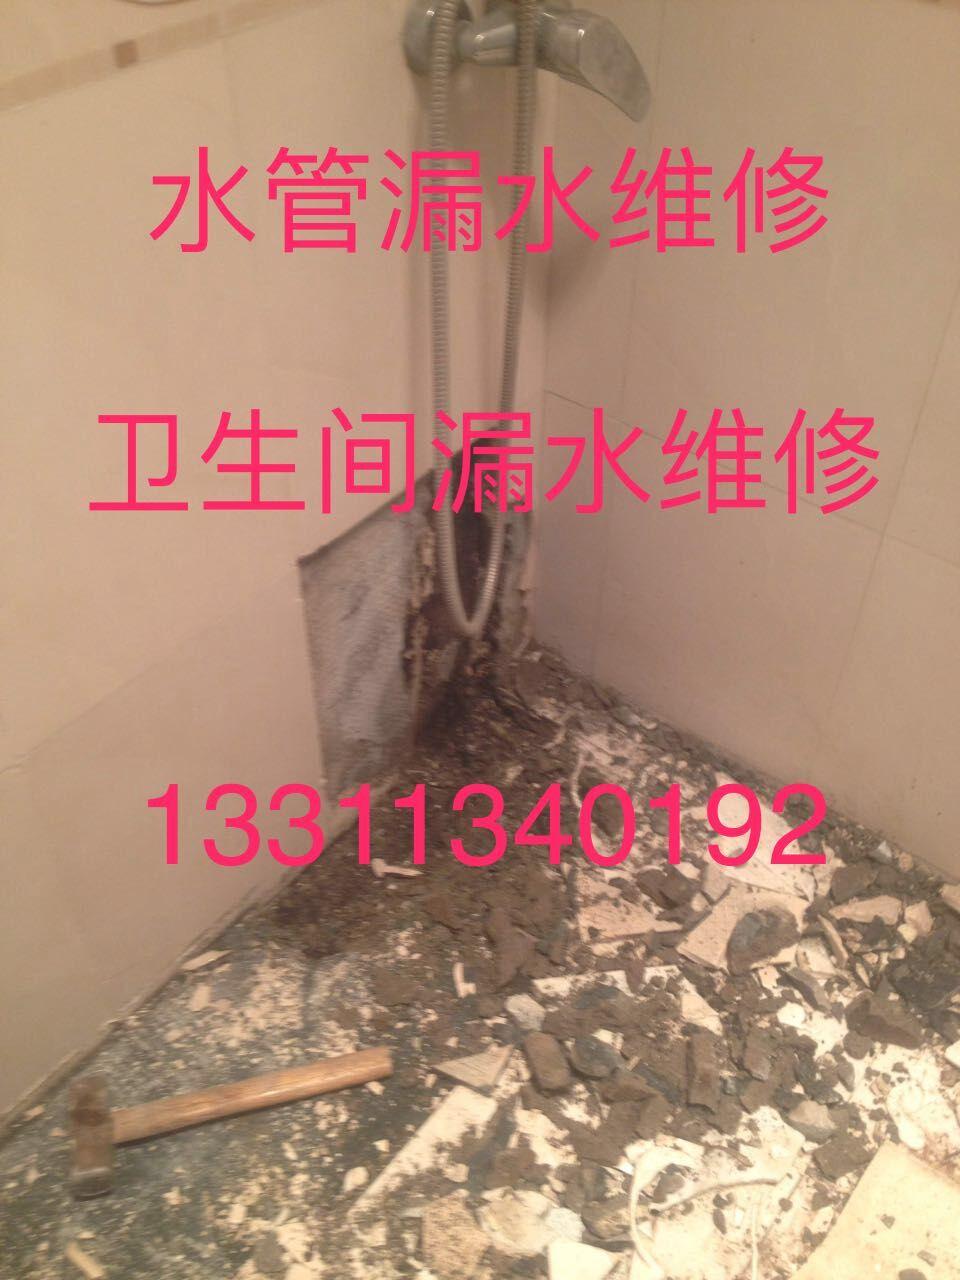 七里庄厨房改下水道13311340192上下水管改造